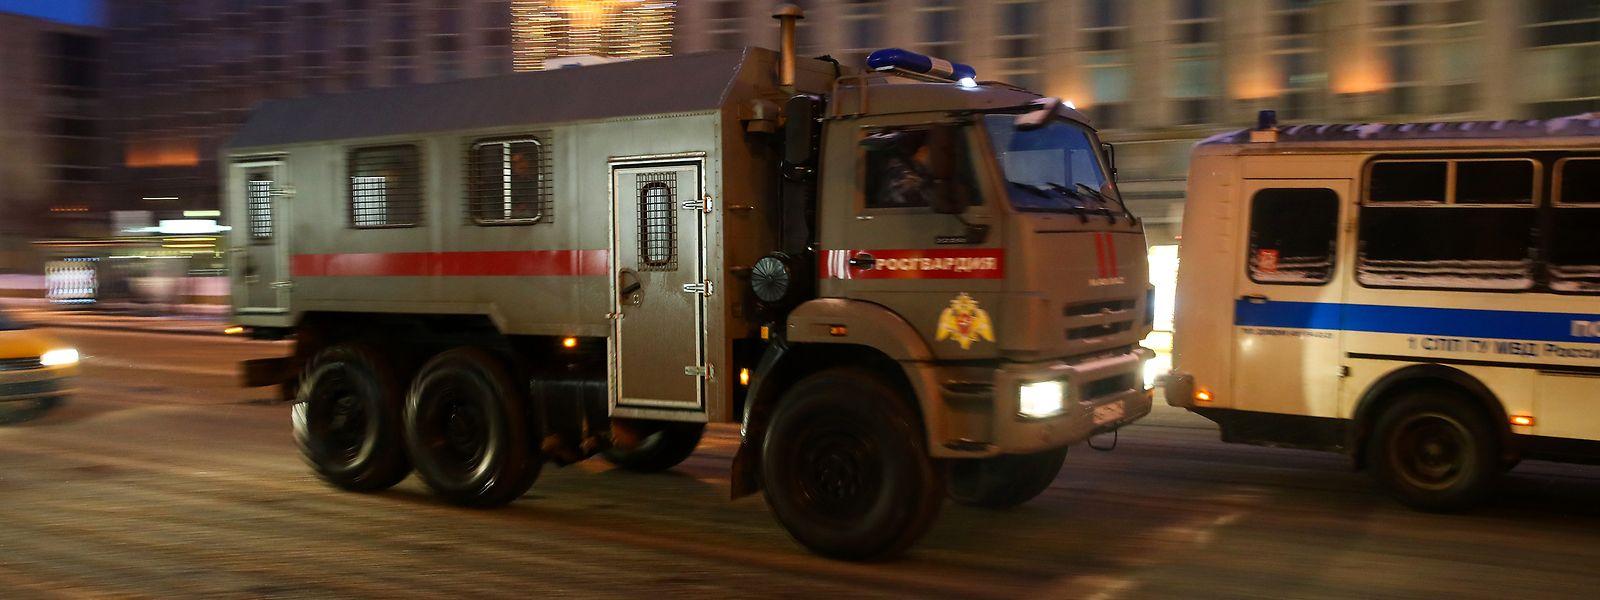 Ein Fahrzeug der russischen Nationalgarde (Rosgvardia) ist in der Twerskaja-Straße bei einem Protest gegen die Inhaftierung des Kremlkritikers Nawalny zu sehen.